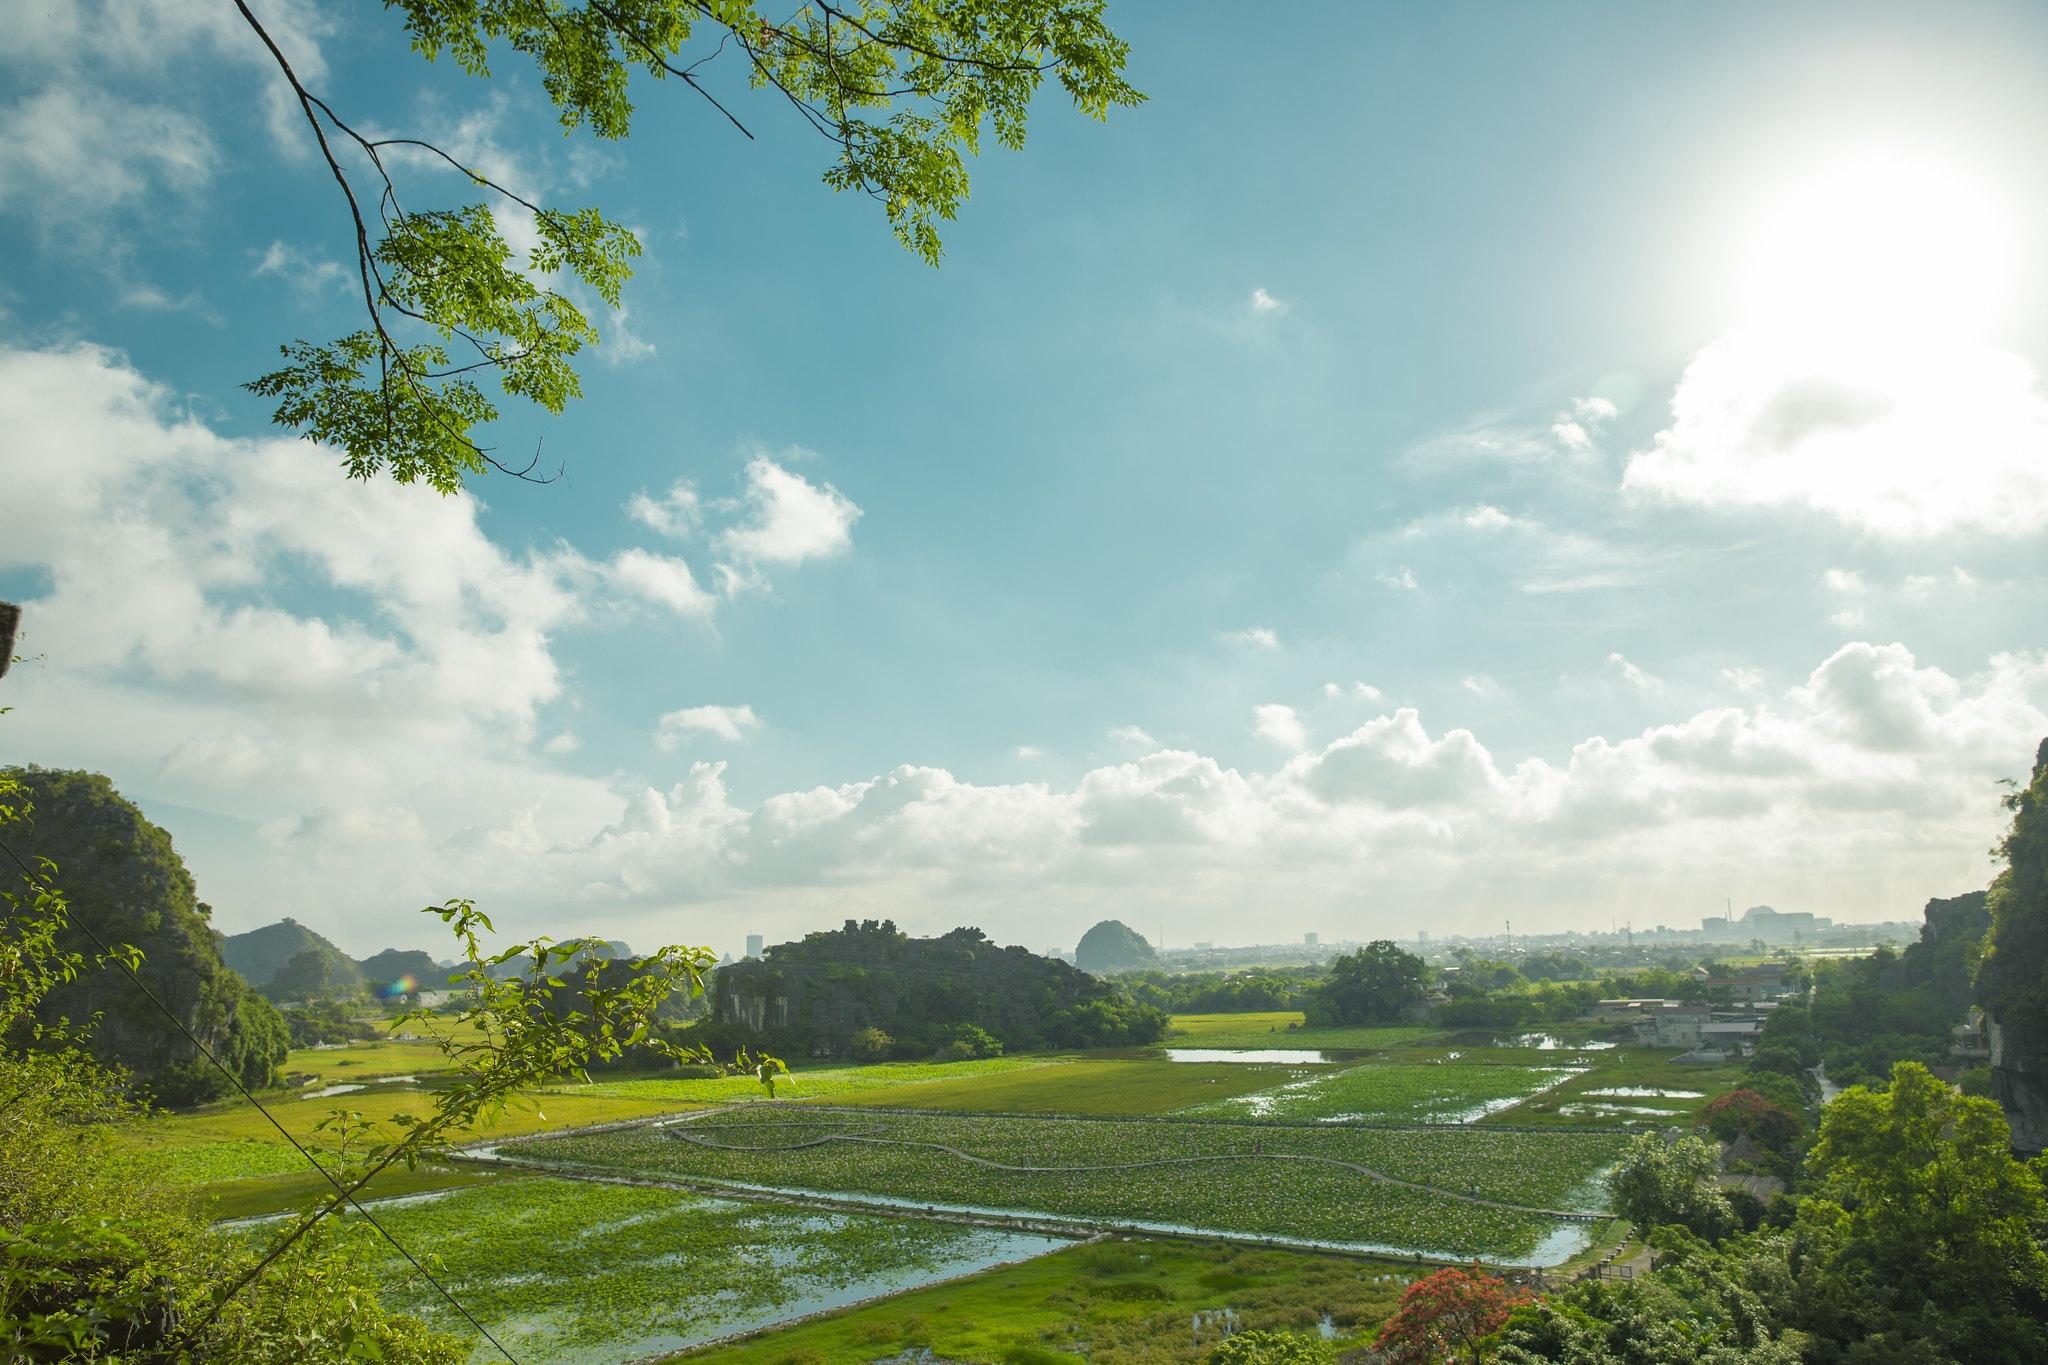 Cảnh đẹp ở cánh đồng sen Ninh Bình - Ảnh 2.